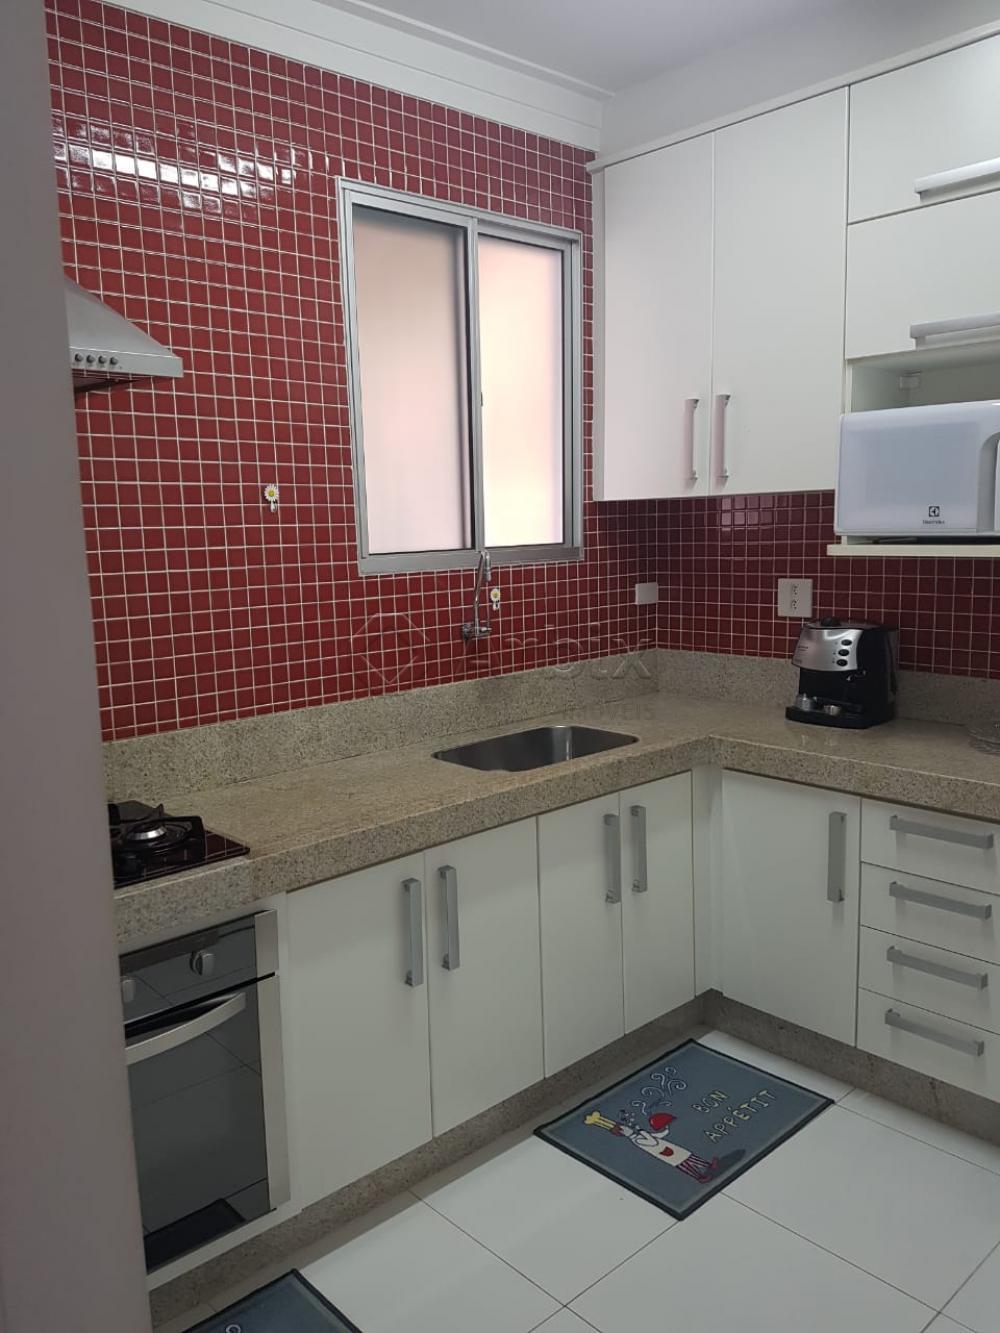 Comprar Casa / Condomínio em Americana apenas R$ 550.000,00 - Foto 3